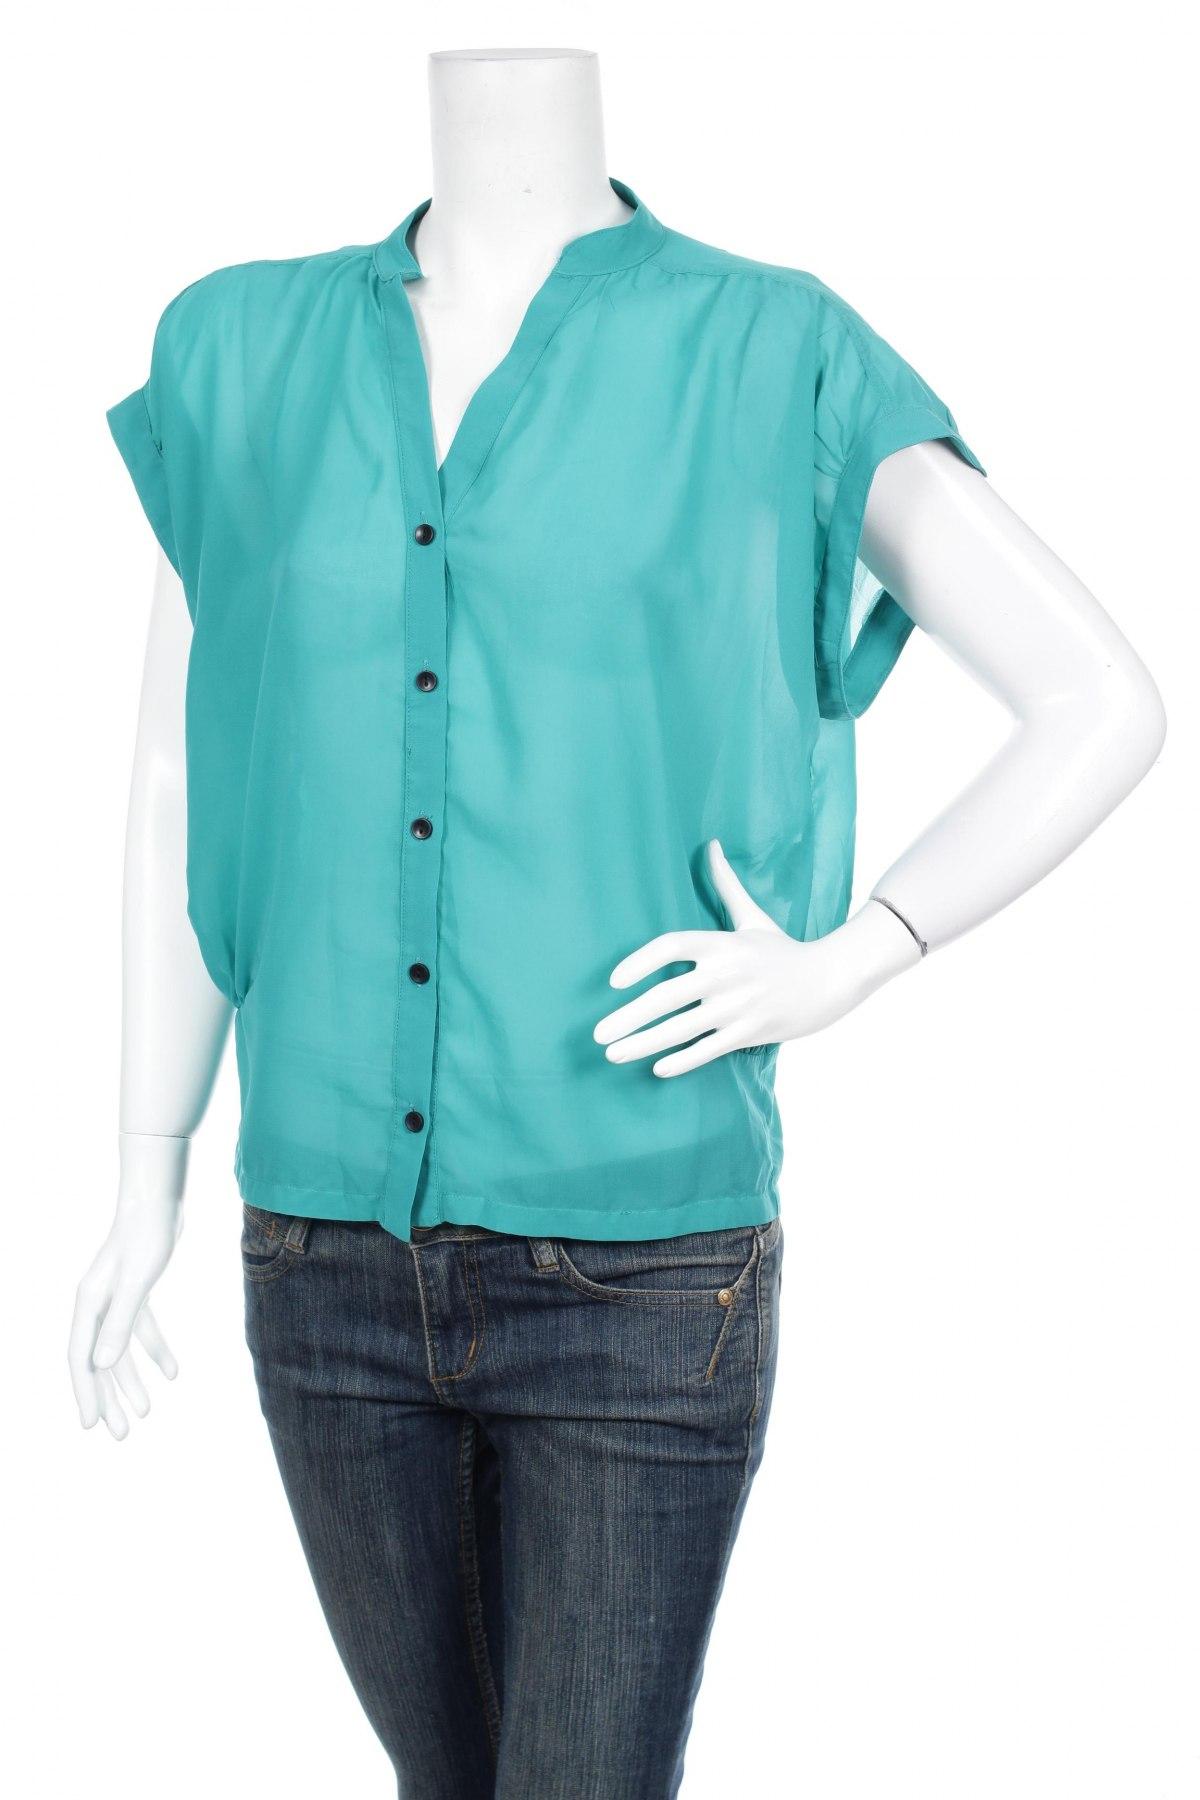 Γυναικείο πουκάμισο, Μέγεθος M, Χρώμα Πράσινο, Πολυεστέρας, Τιμή 9,90€